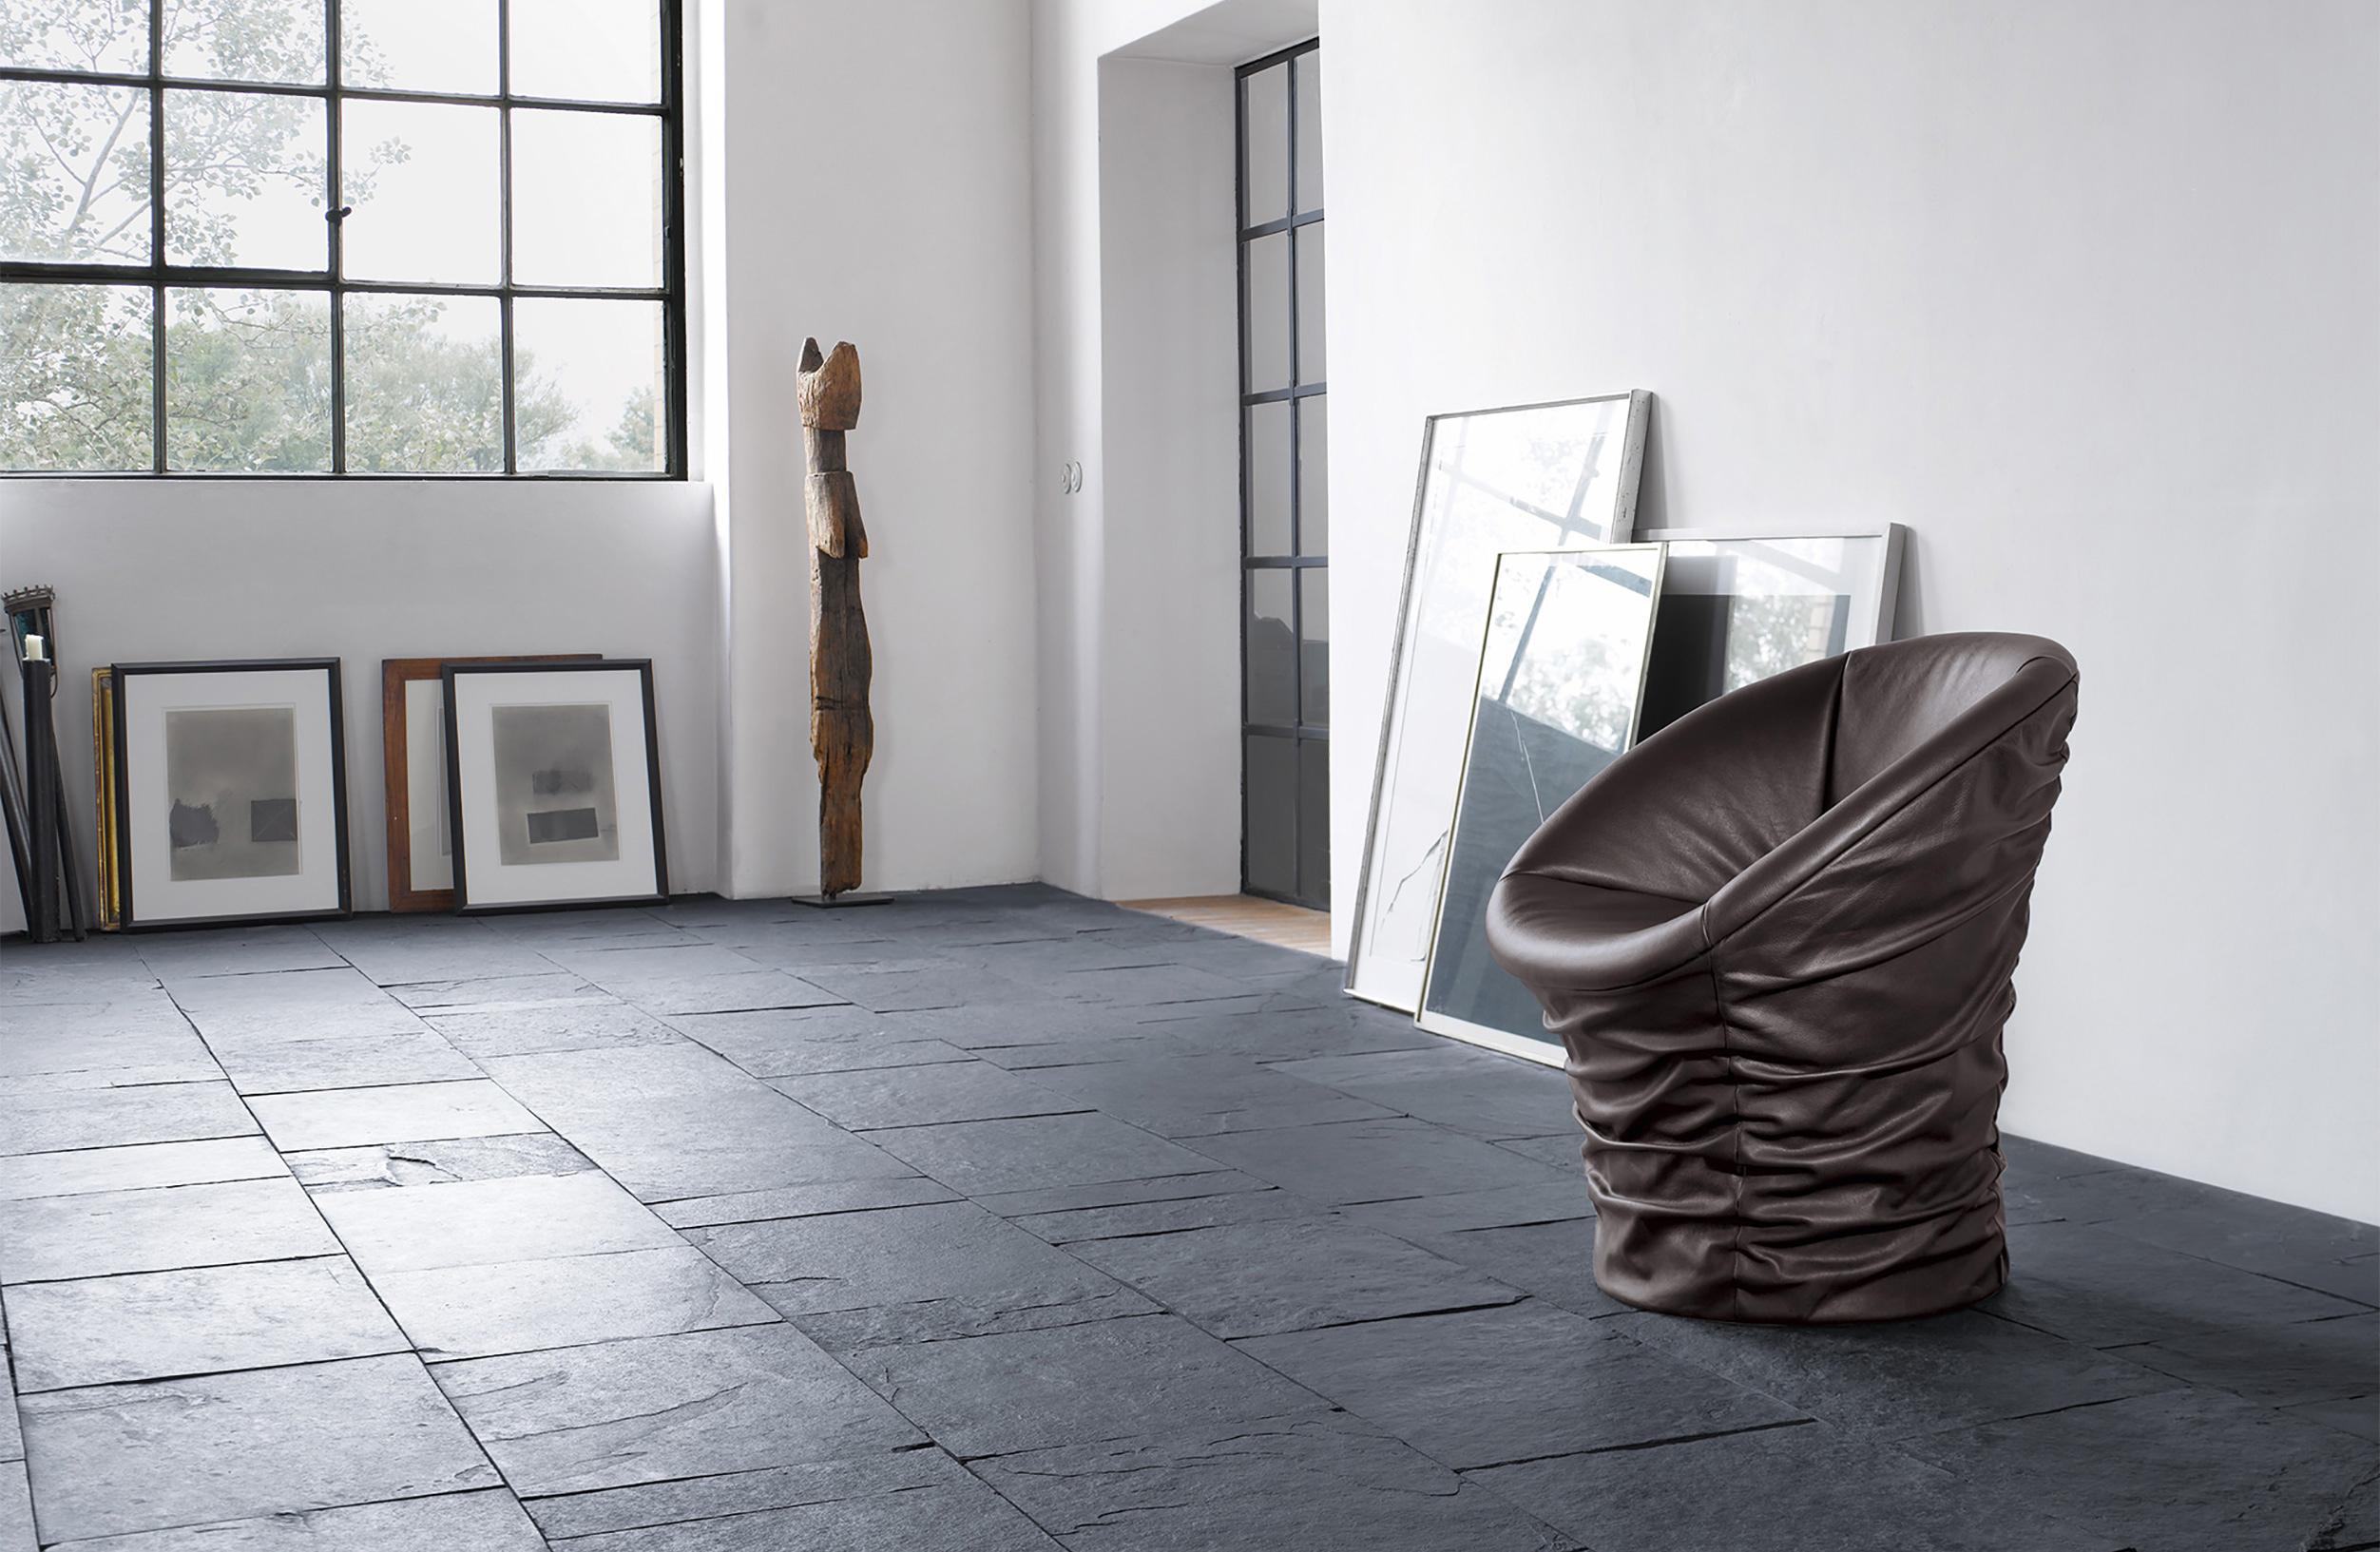 walter_knoll-bellows_chair-03